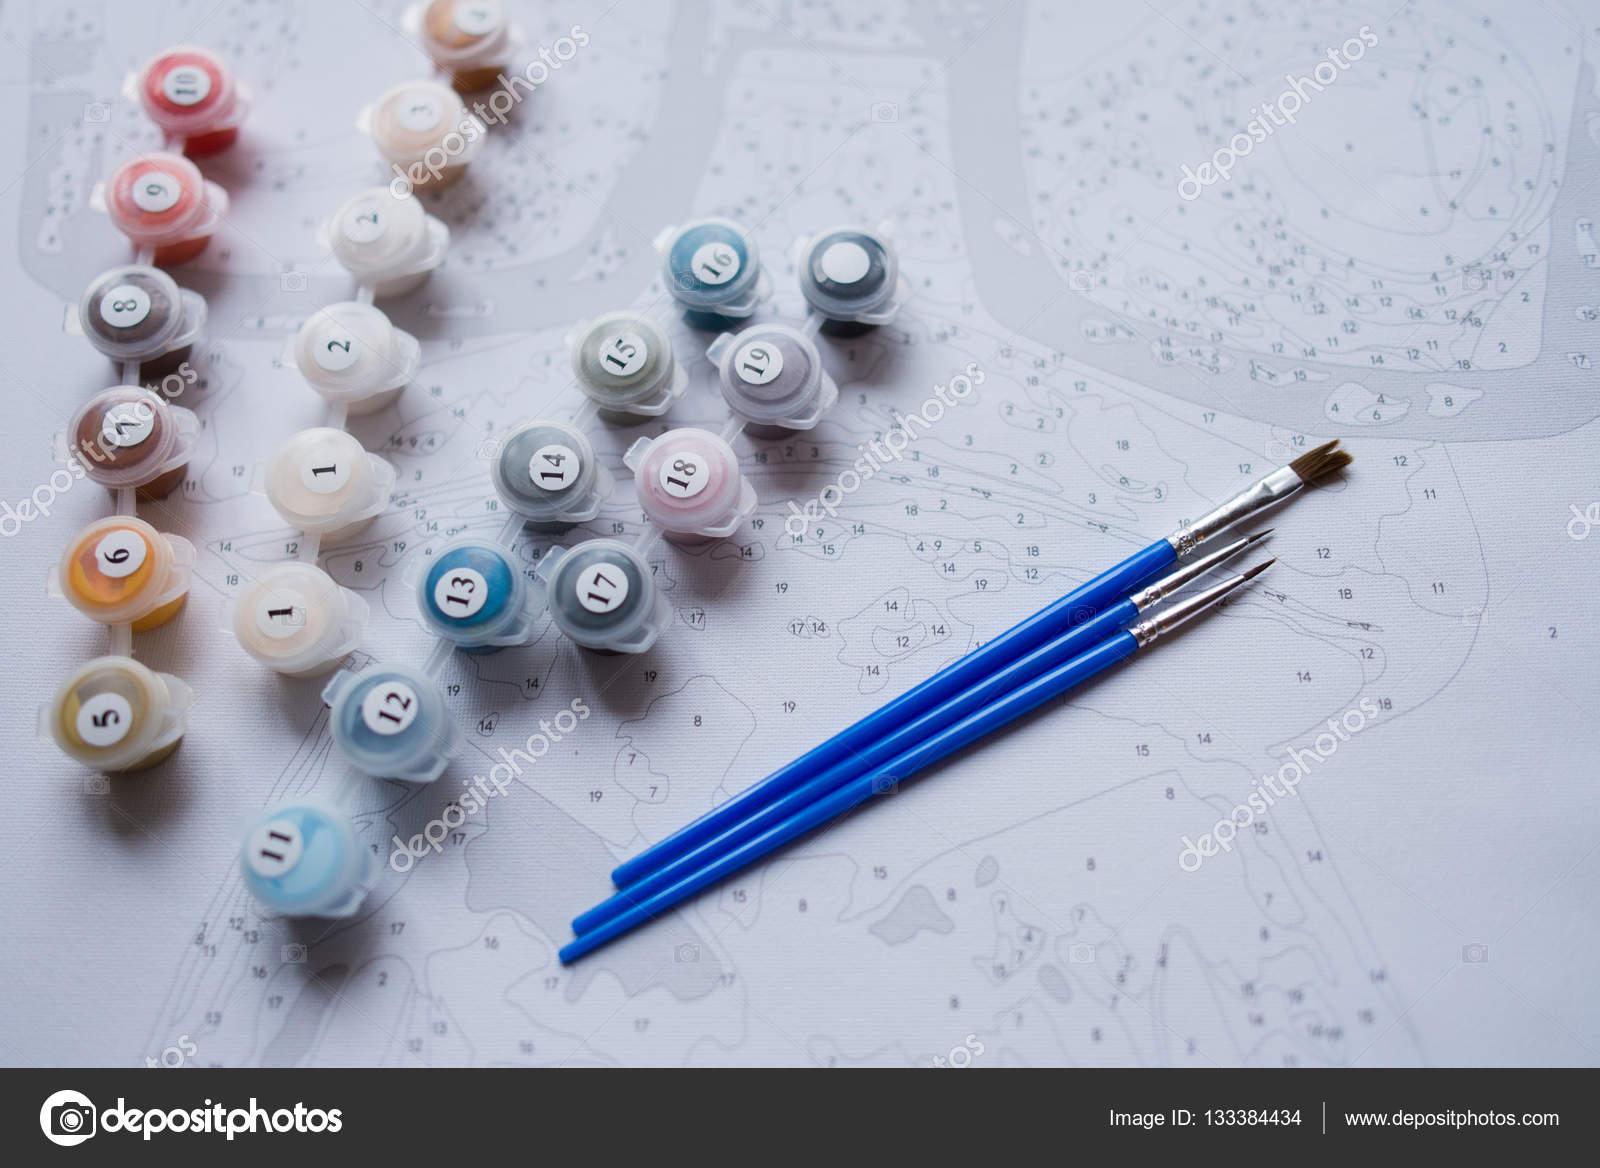 Acrylfarben In Kleinen Eimern Auf Leinwand Malen Mit Farbe Pinsel